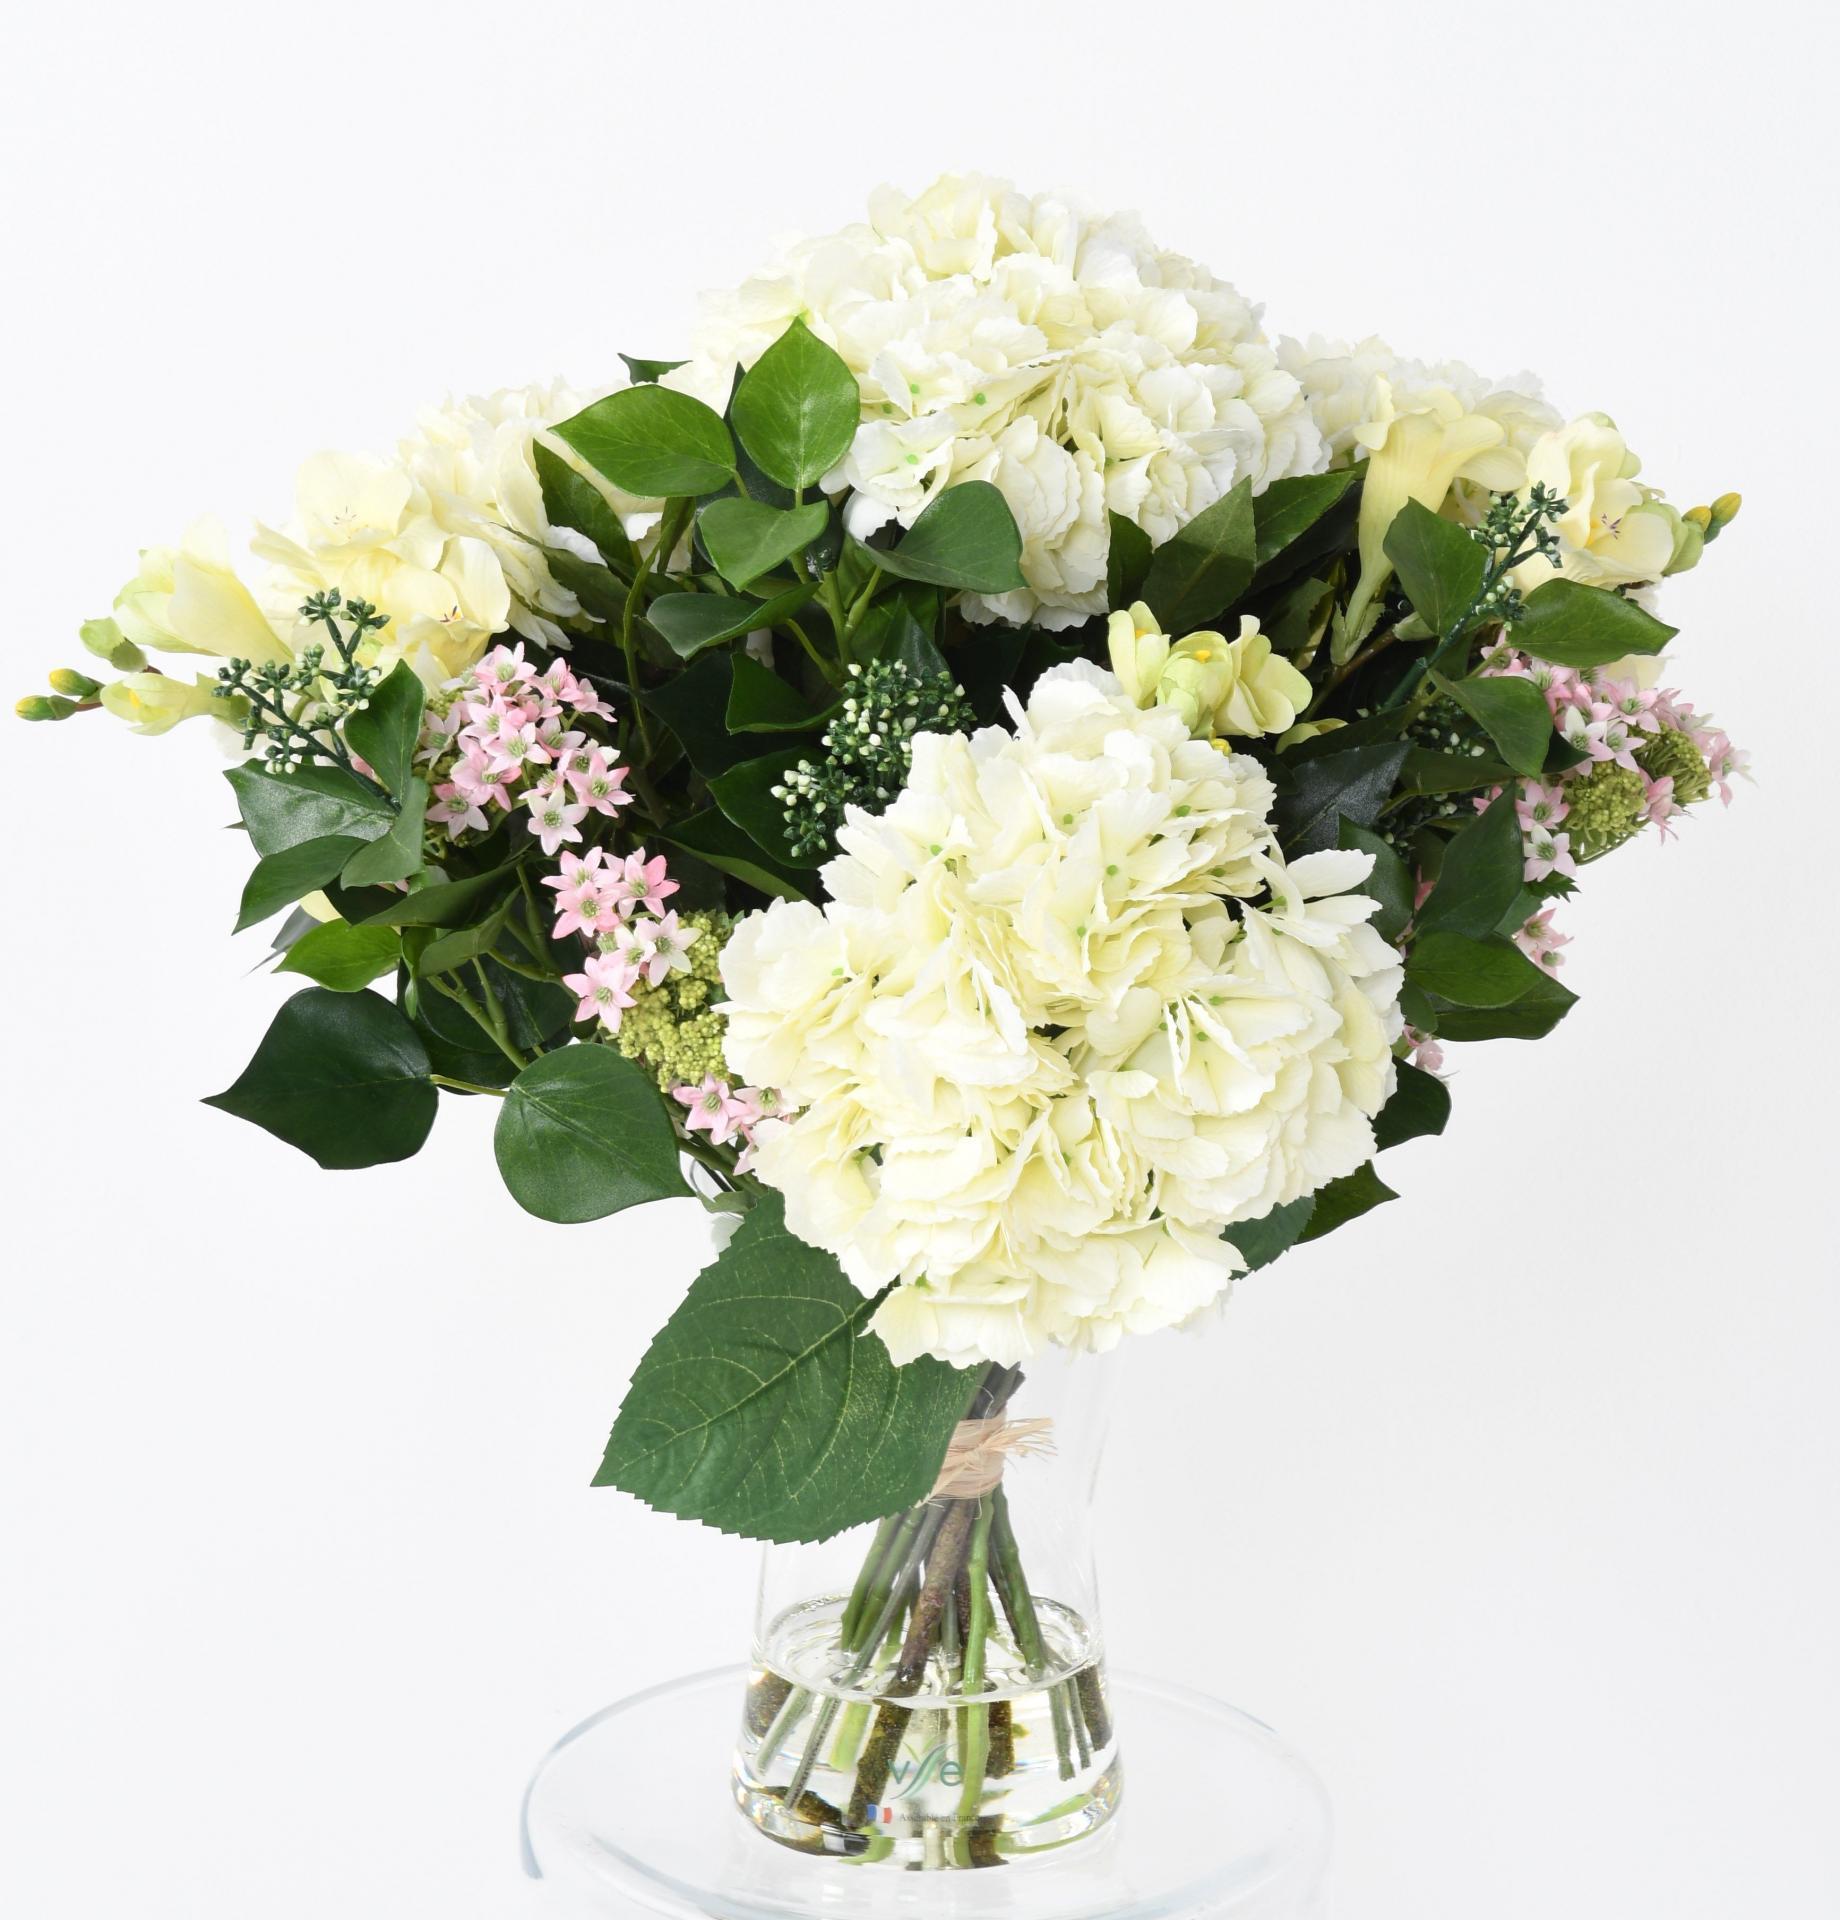 250bouquet hortensia et lierre baie blanc